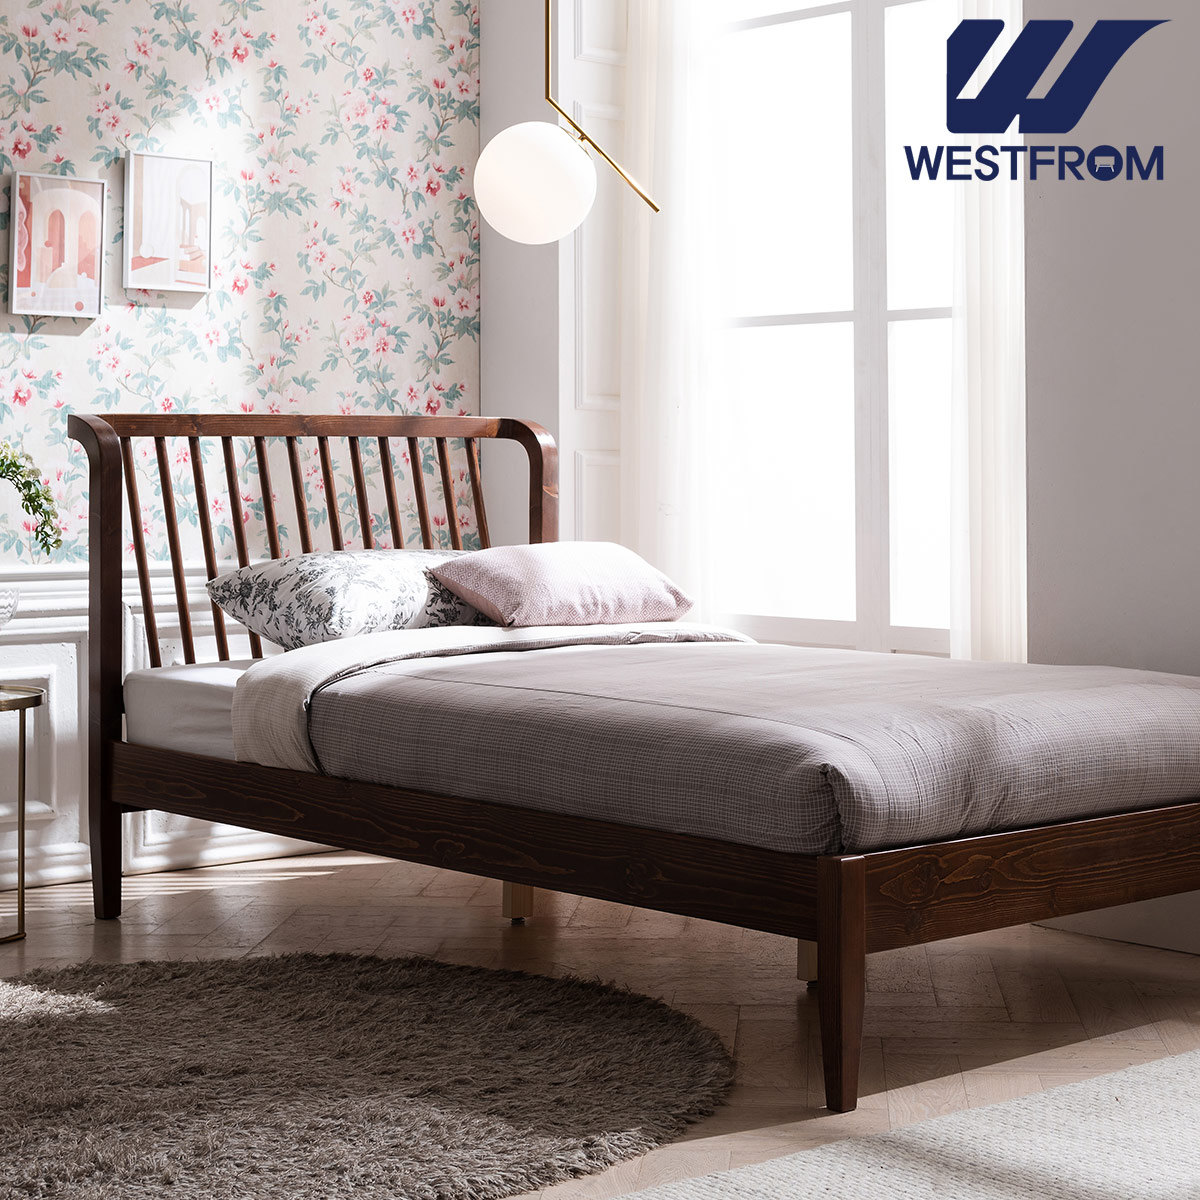 [웨스트프롬] 모던 NEW잉그리드) 원목 평상형 침대(SS) / F1 SS 매트리스